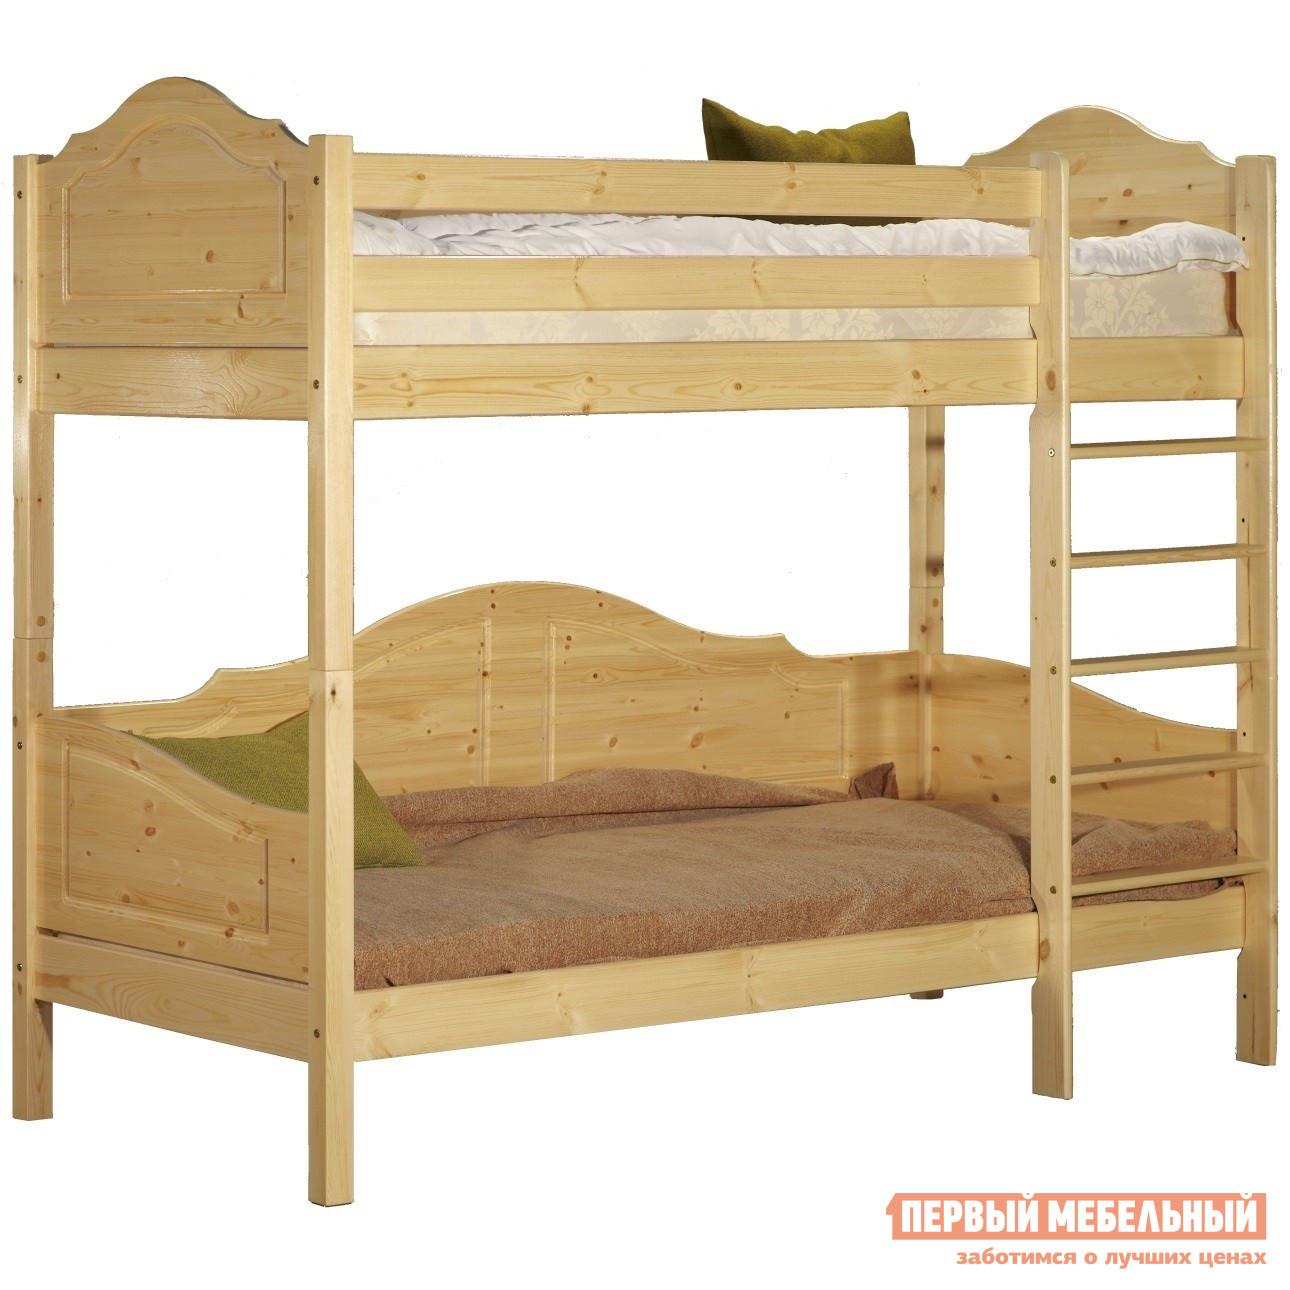 Двухъярусная кровать Timberica Кровать 2-ярусная Кая (K3) двухъярусная кровать timberica кровать 2 ярусная брамминг